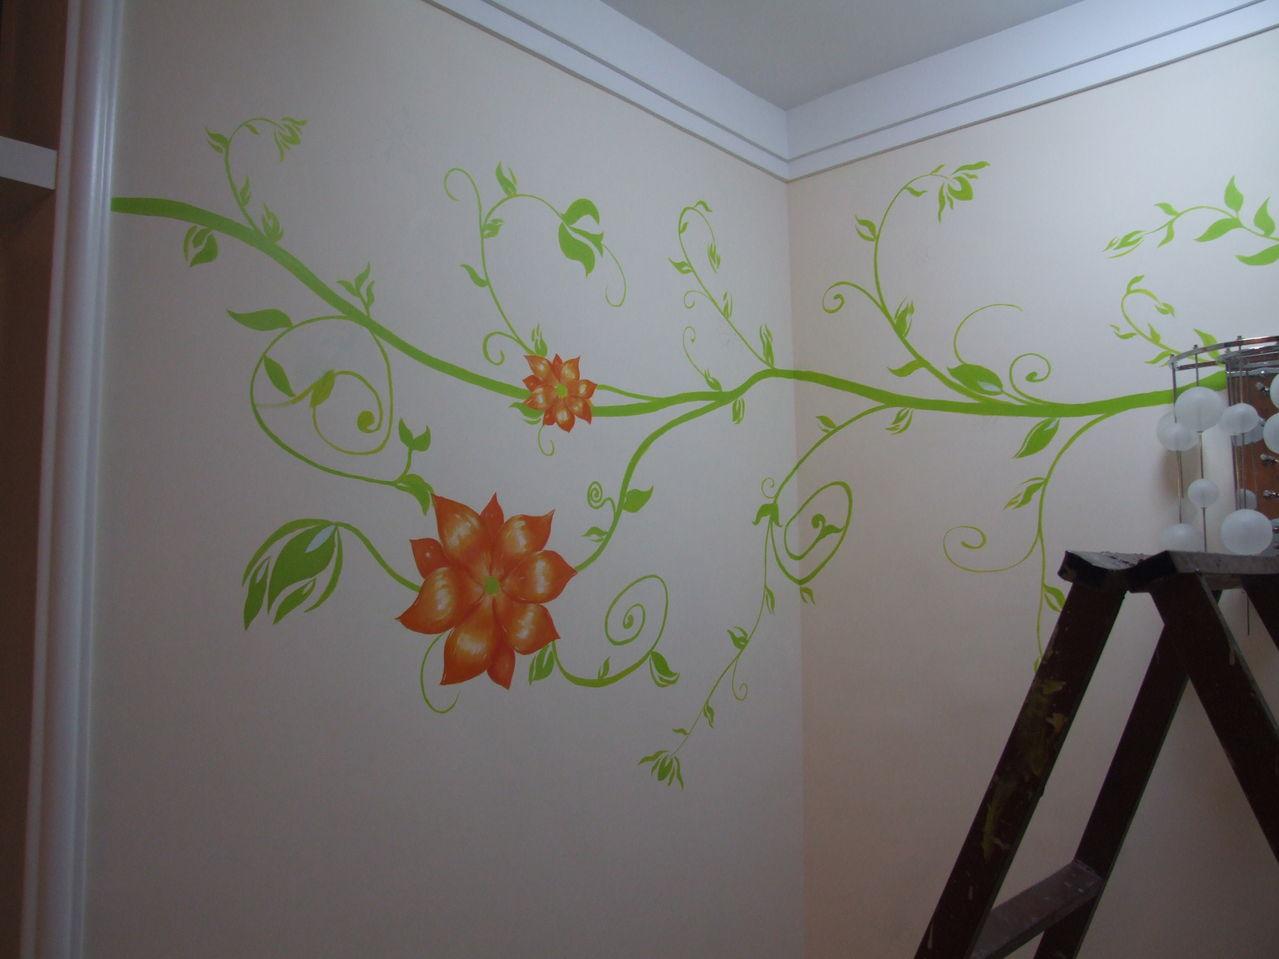 手绘墙画 壁画 墙画; 壁画风采:电视背景墙壁画,楼梯墙壁画,客厅转角